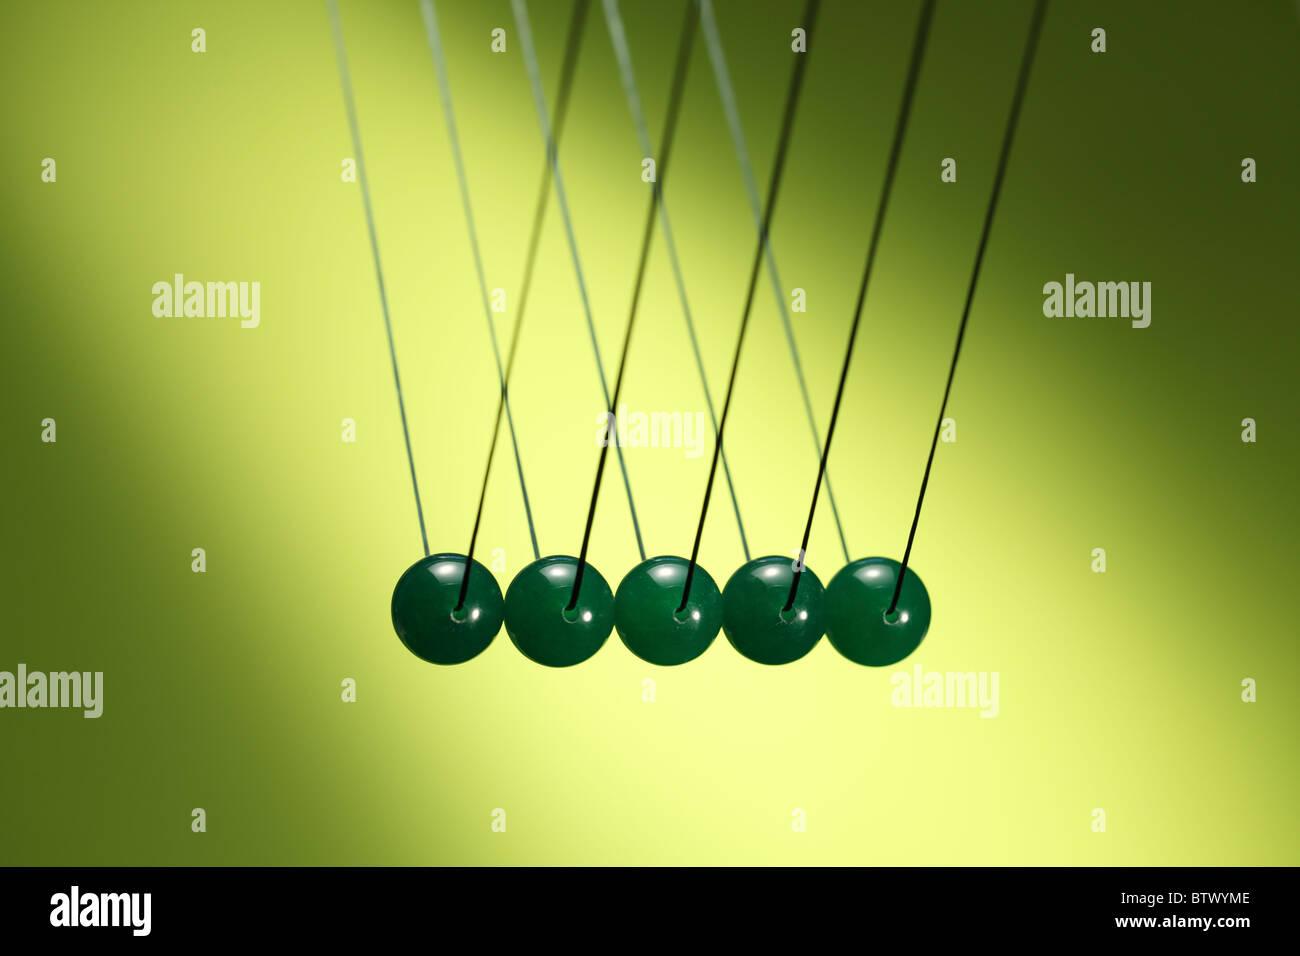 Cinq billes vertes dans la rangée suspendu à chaîne. Newton's cradle, illustre un appareil qui Photo Stock